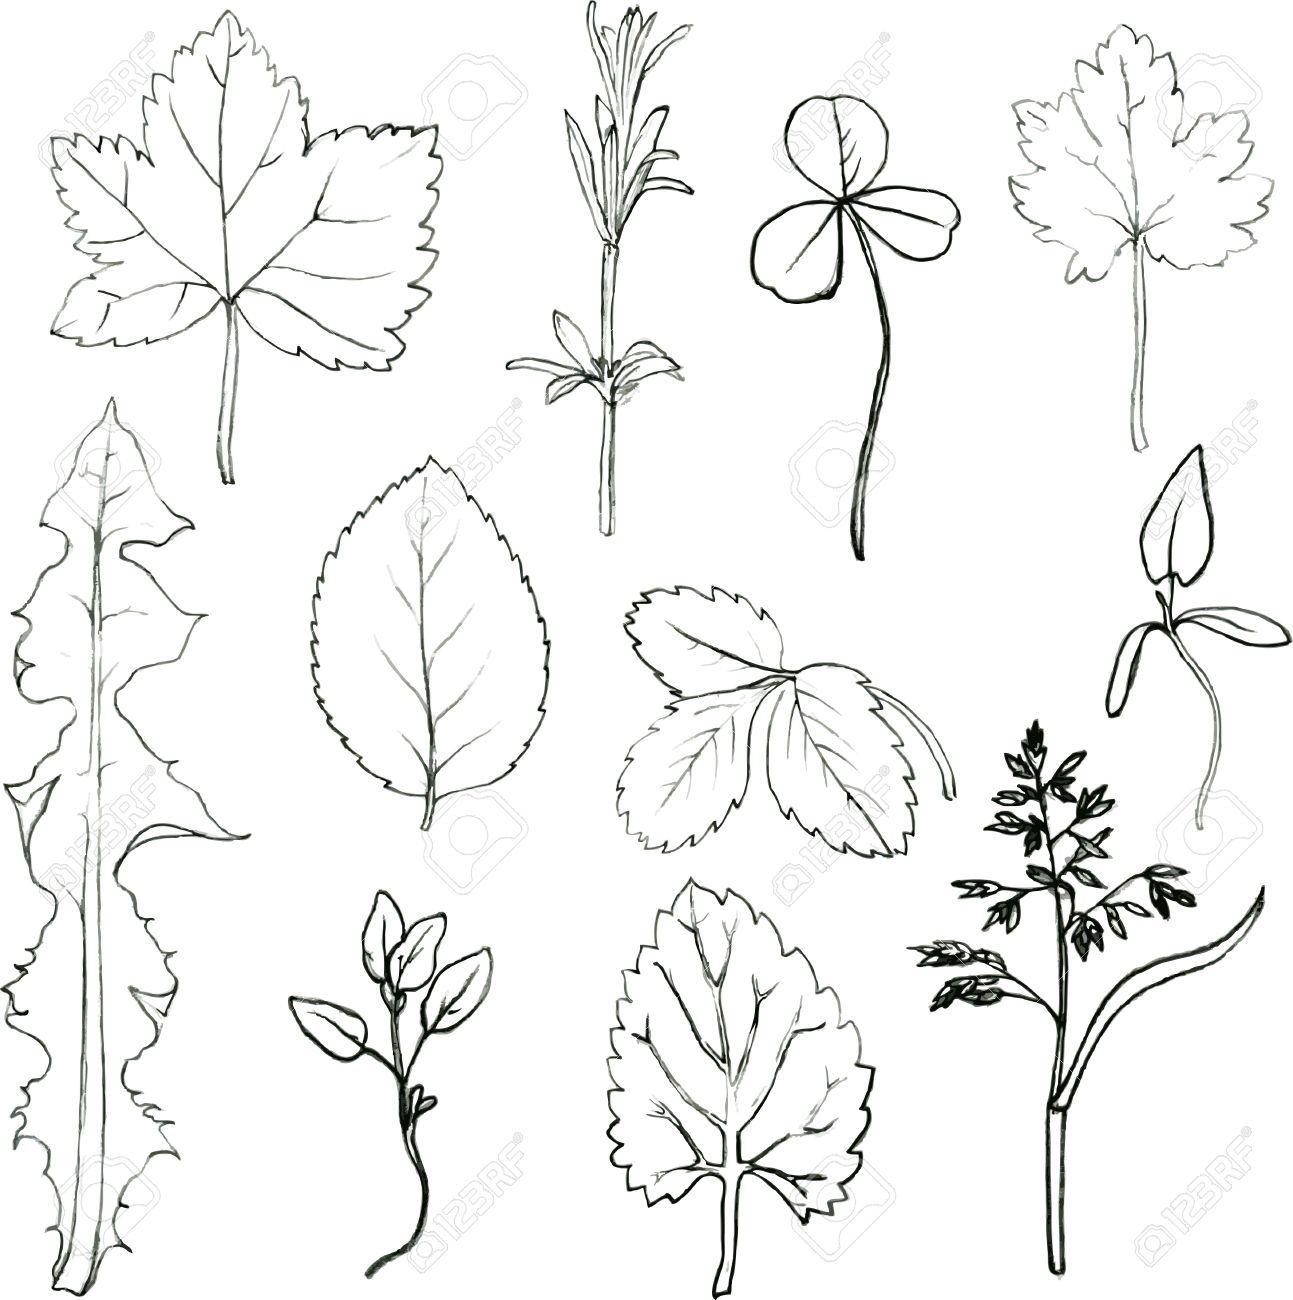 hoja de arbol dibujo botanico - Buscar con Google | árbol ...